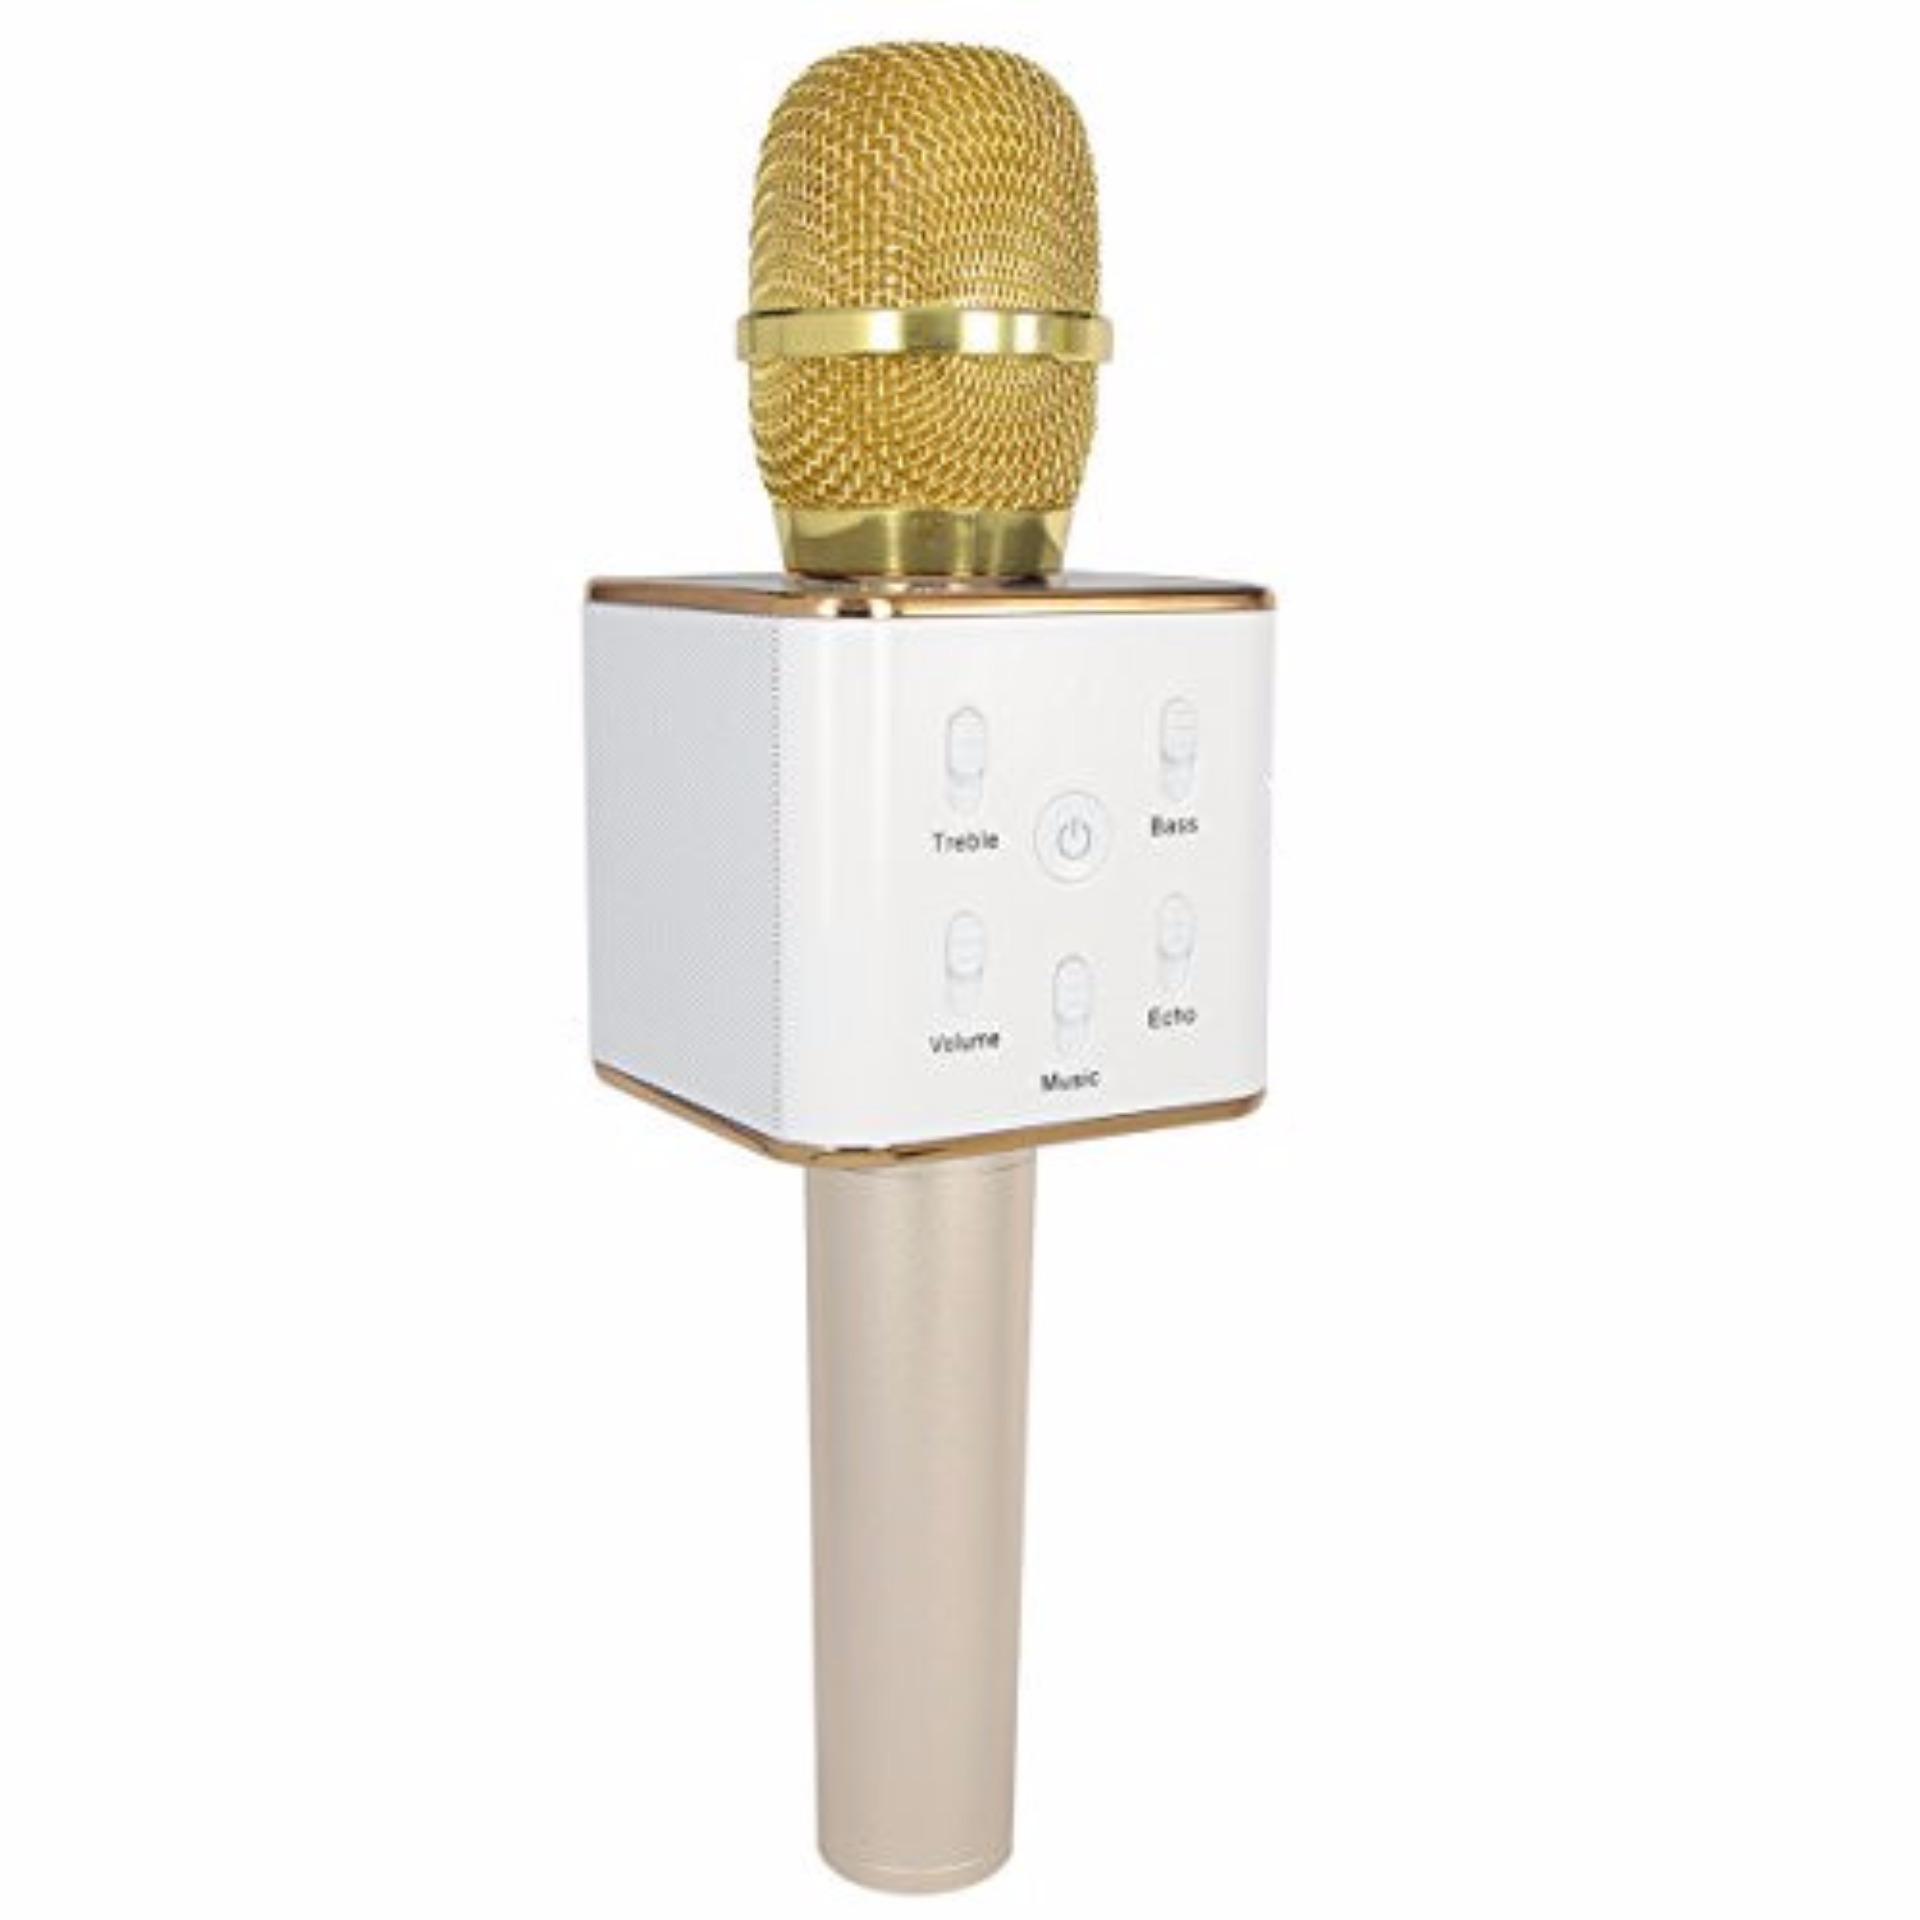 Micro mini hỗ trợ hát karaoke trên điện thoại di động liệu có thực sự tốt